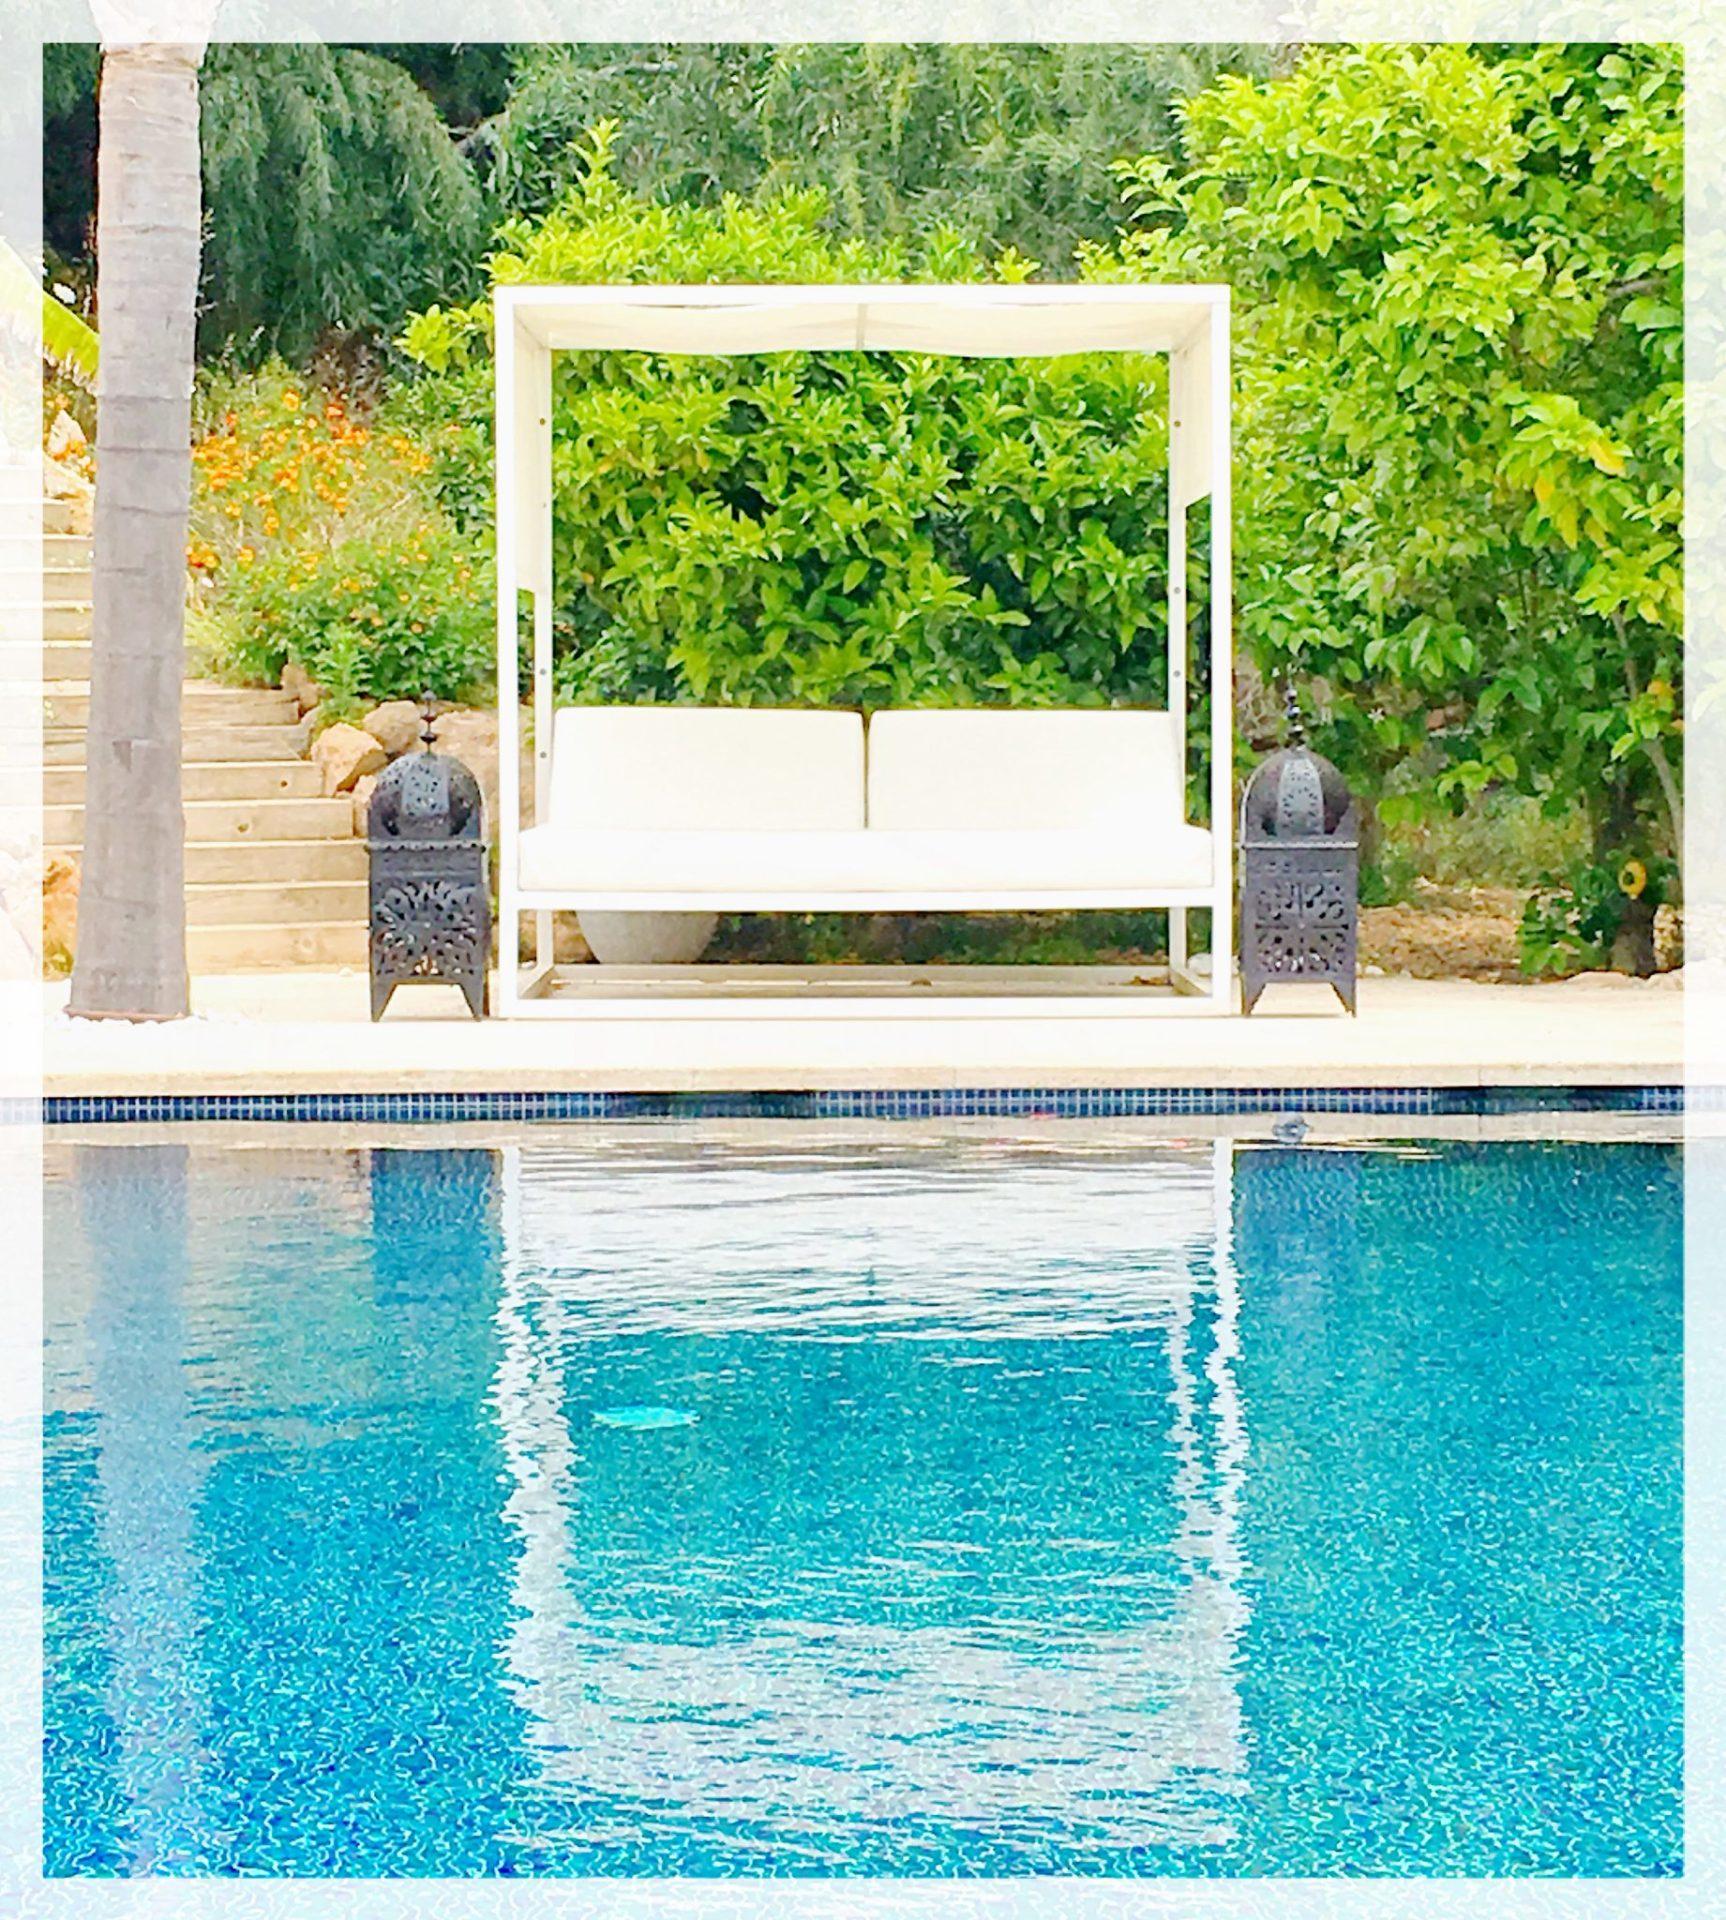 Ibiza Private Villas Villa Esteban Pool Chill Out Area